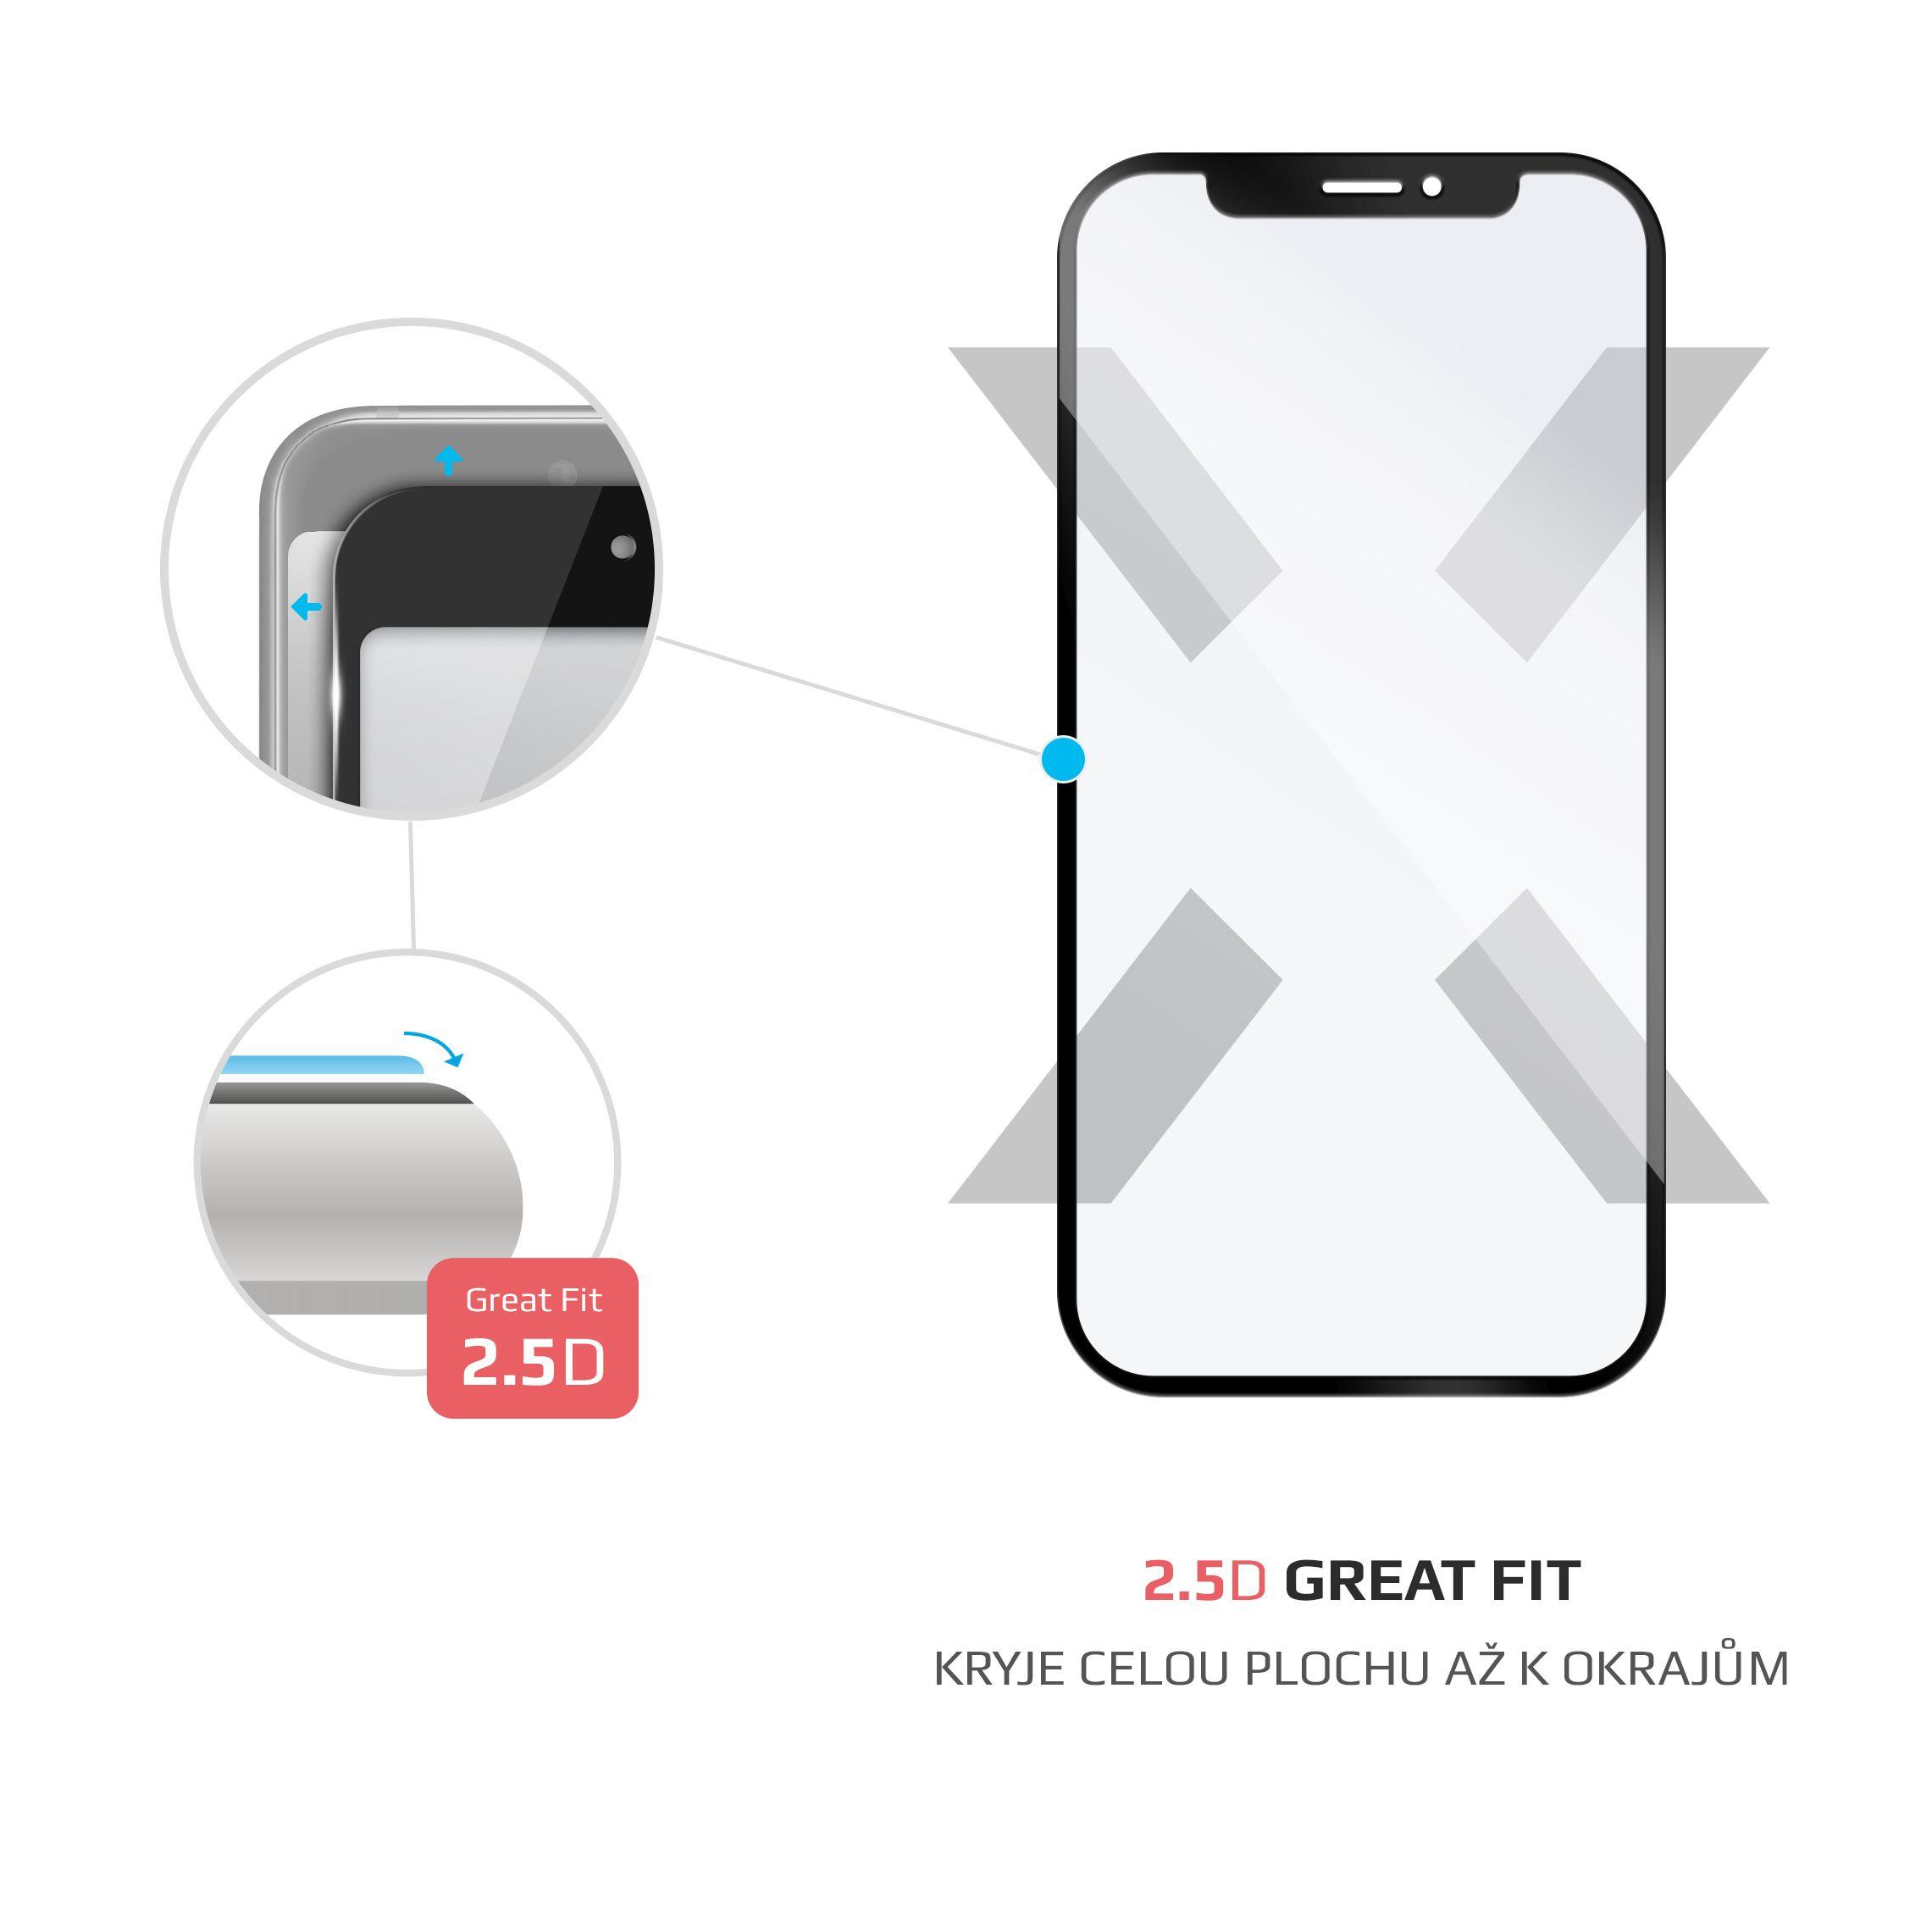 Ochranné tvrzené sklo FIXED Full-Cover pro Vodafone Smart X9, přes celý displej, černé, 0.33 mm